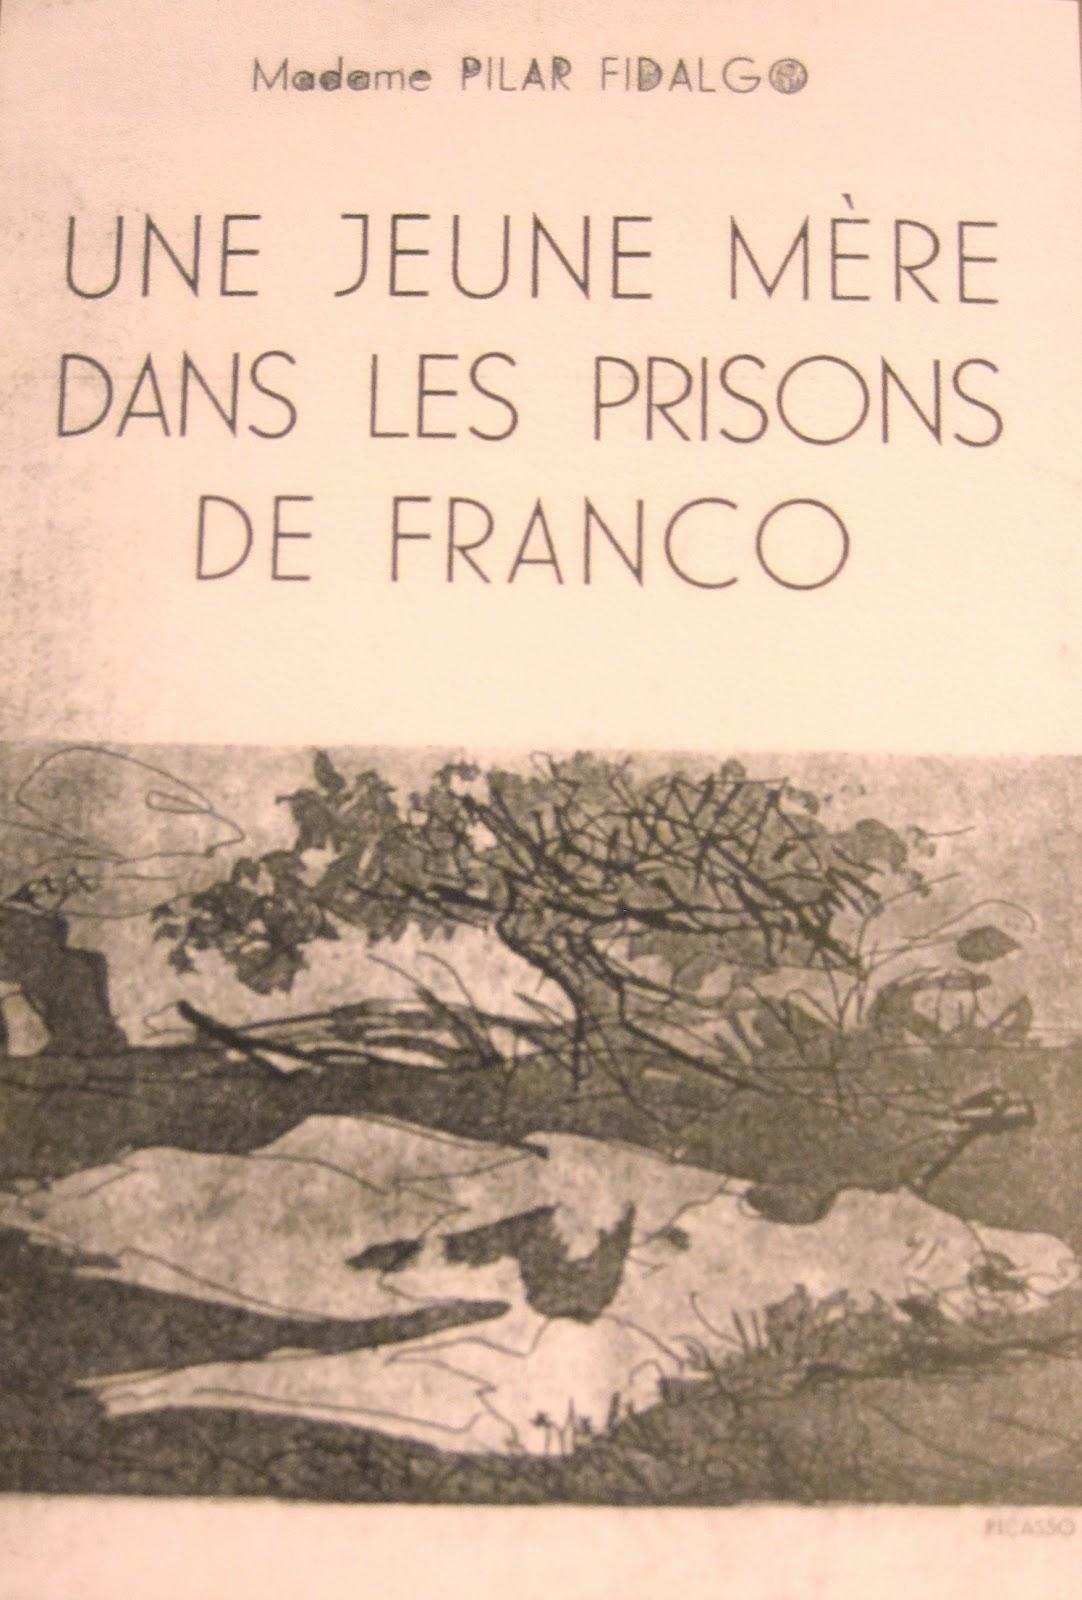 Une jeune mere dans les prisons de Franco cubierta